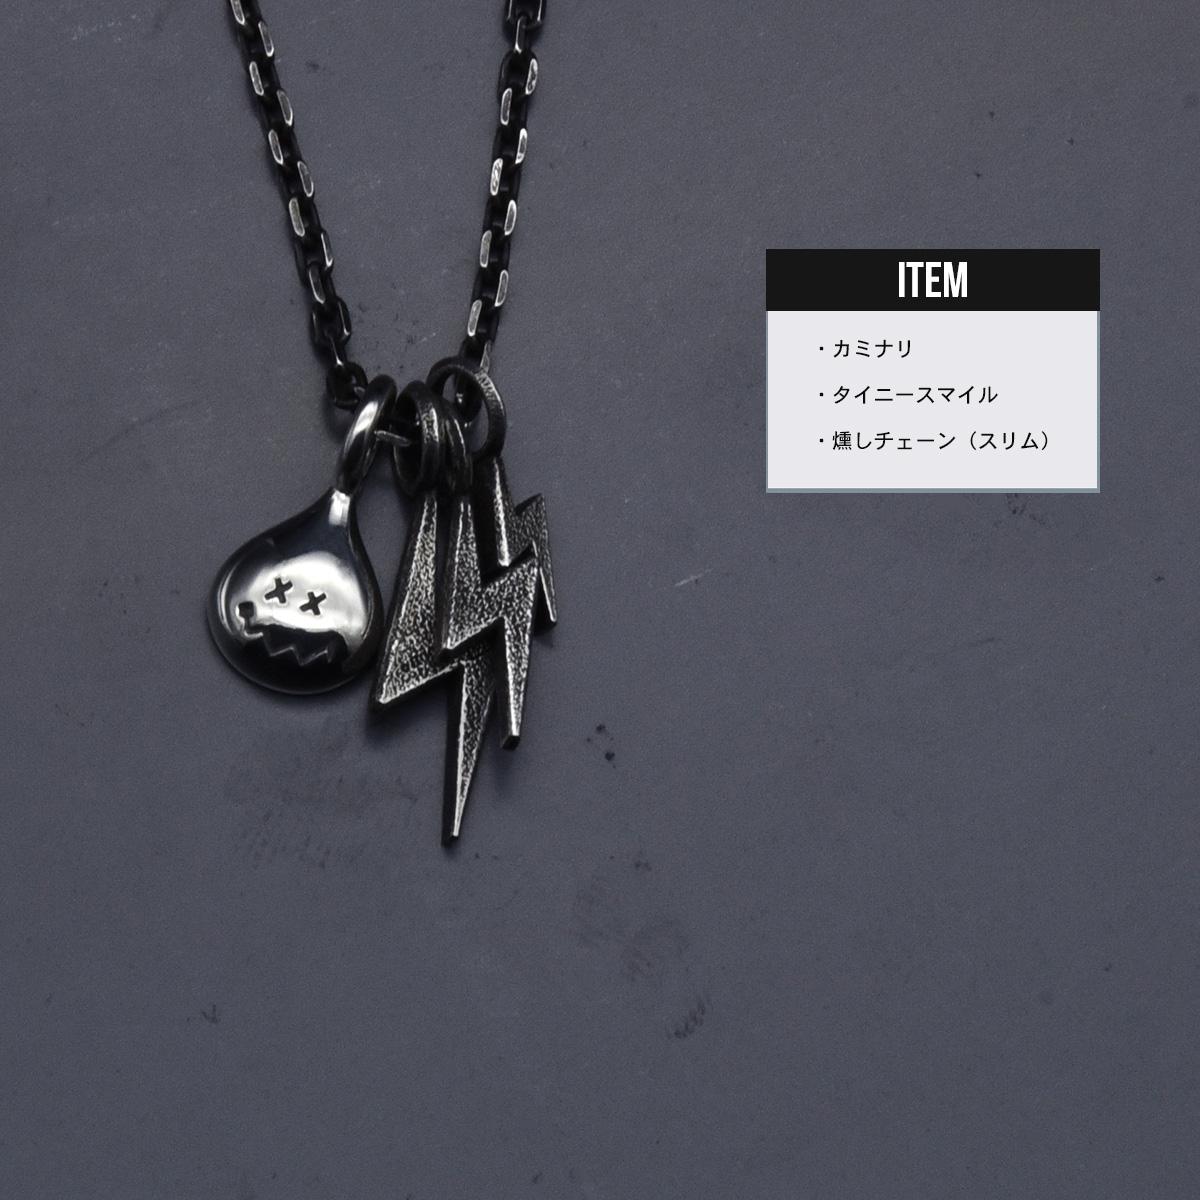 カミナリ ネックレス(3連)